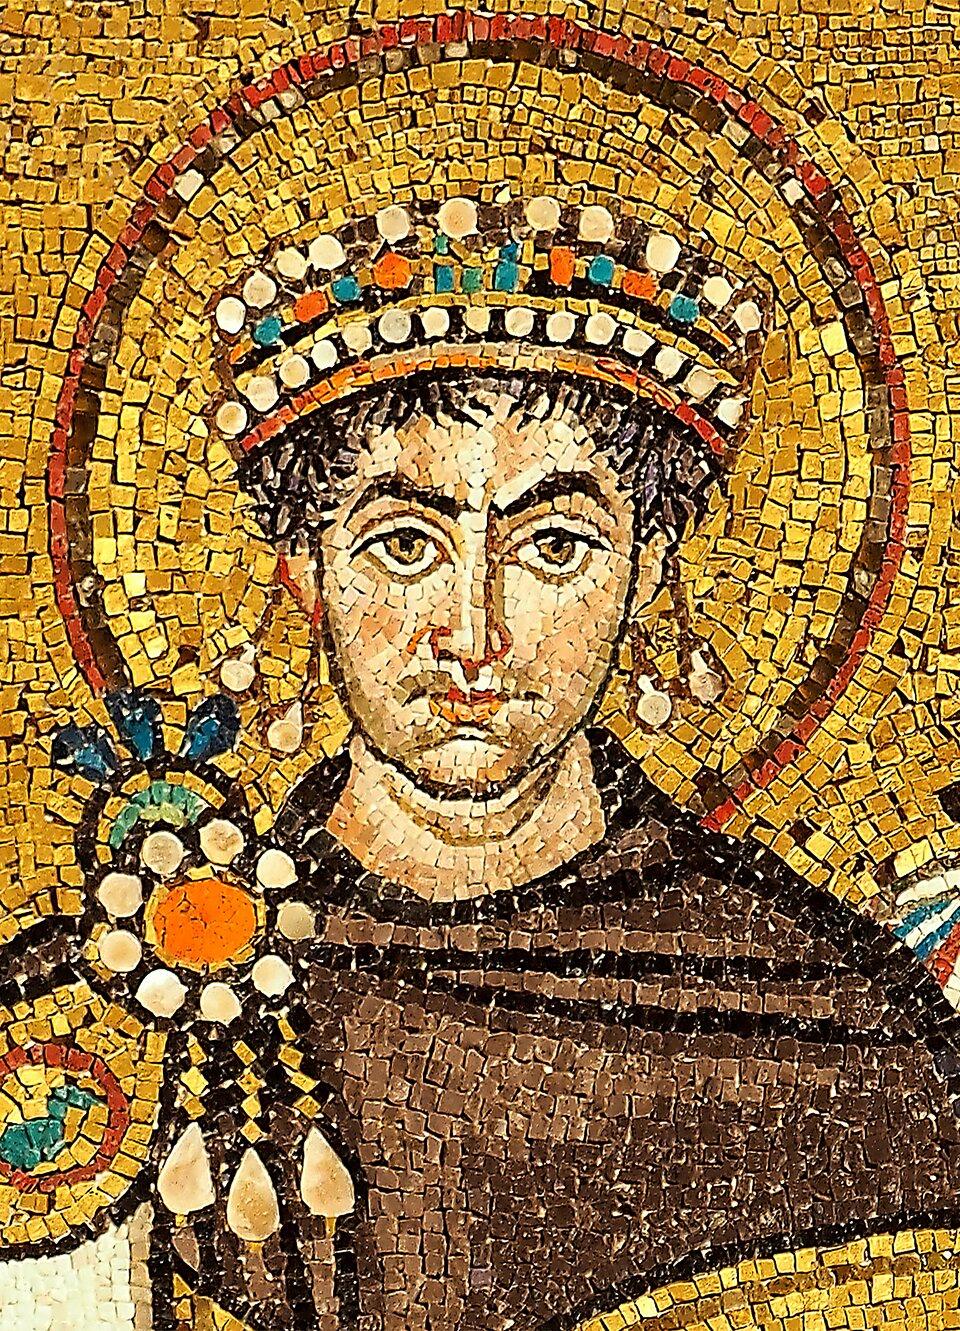 Justynian Wielki na mozaice przechowywanej wbazylice św. Witalisa wRawennie Justynian Wielki na mozaice przechowywanej wbazylice św. Witalisa wRawennie Źródło: Petar Milošević, Wikimedia Commons, licencja: CC BY-SA 4.0.